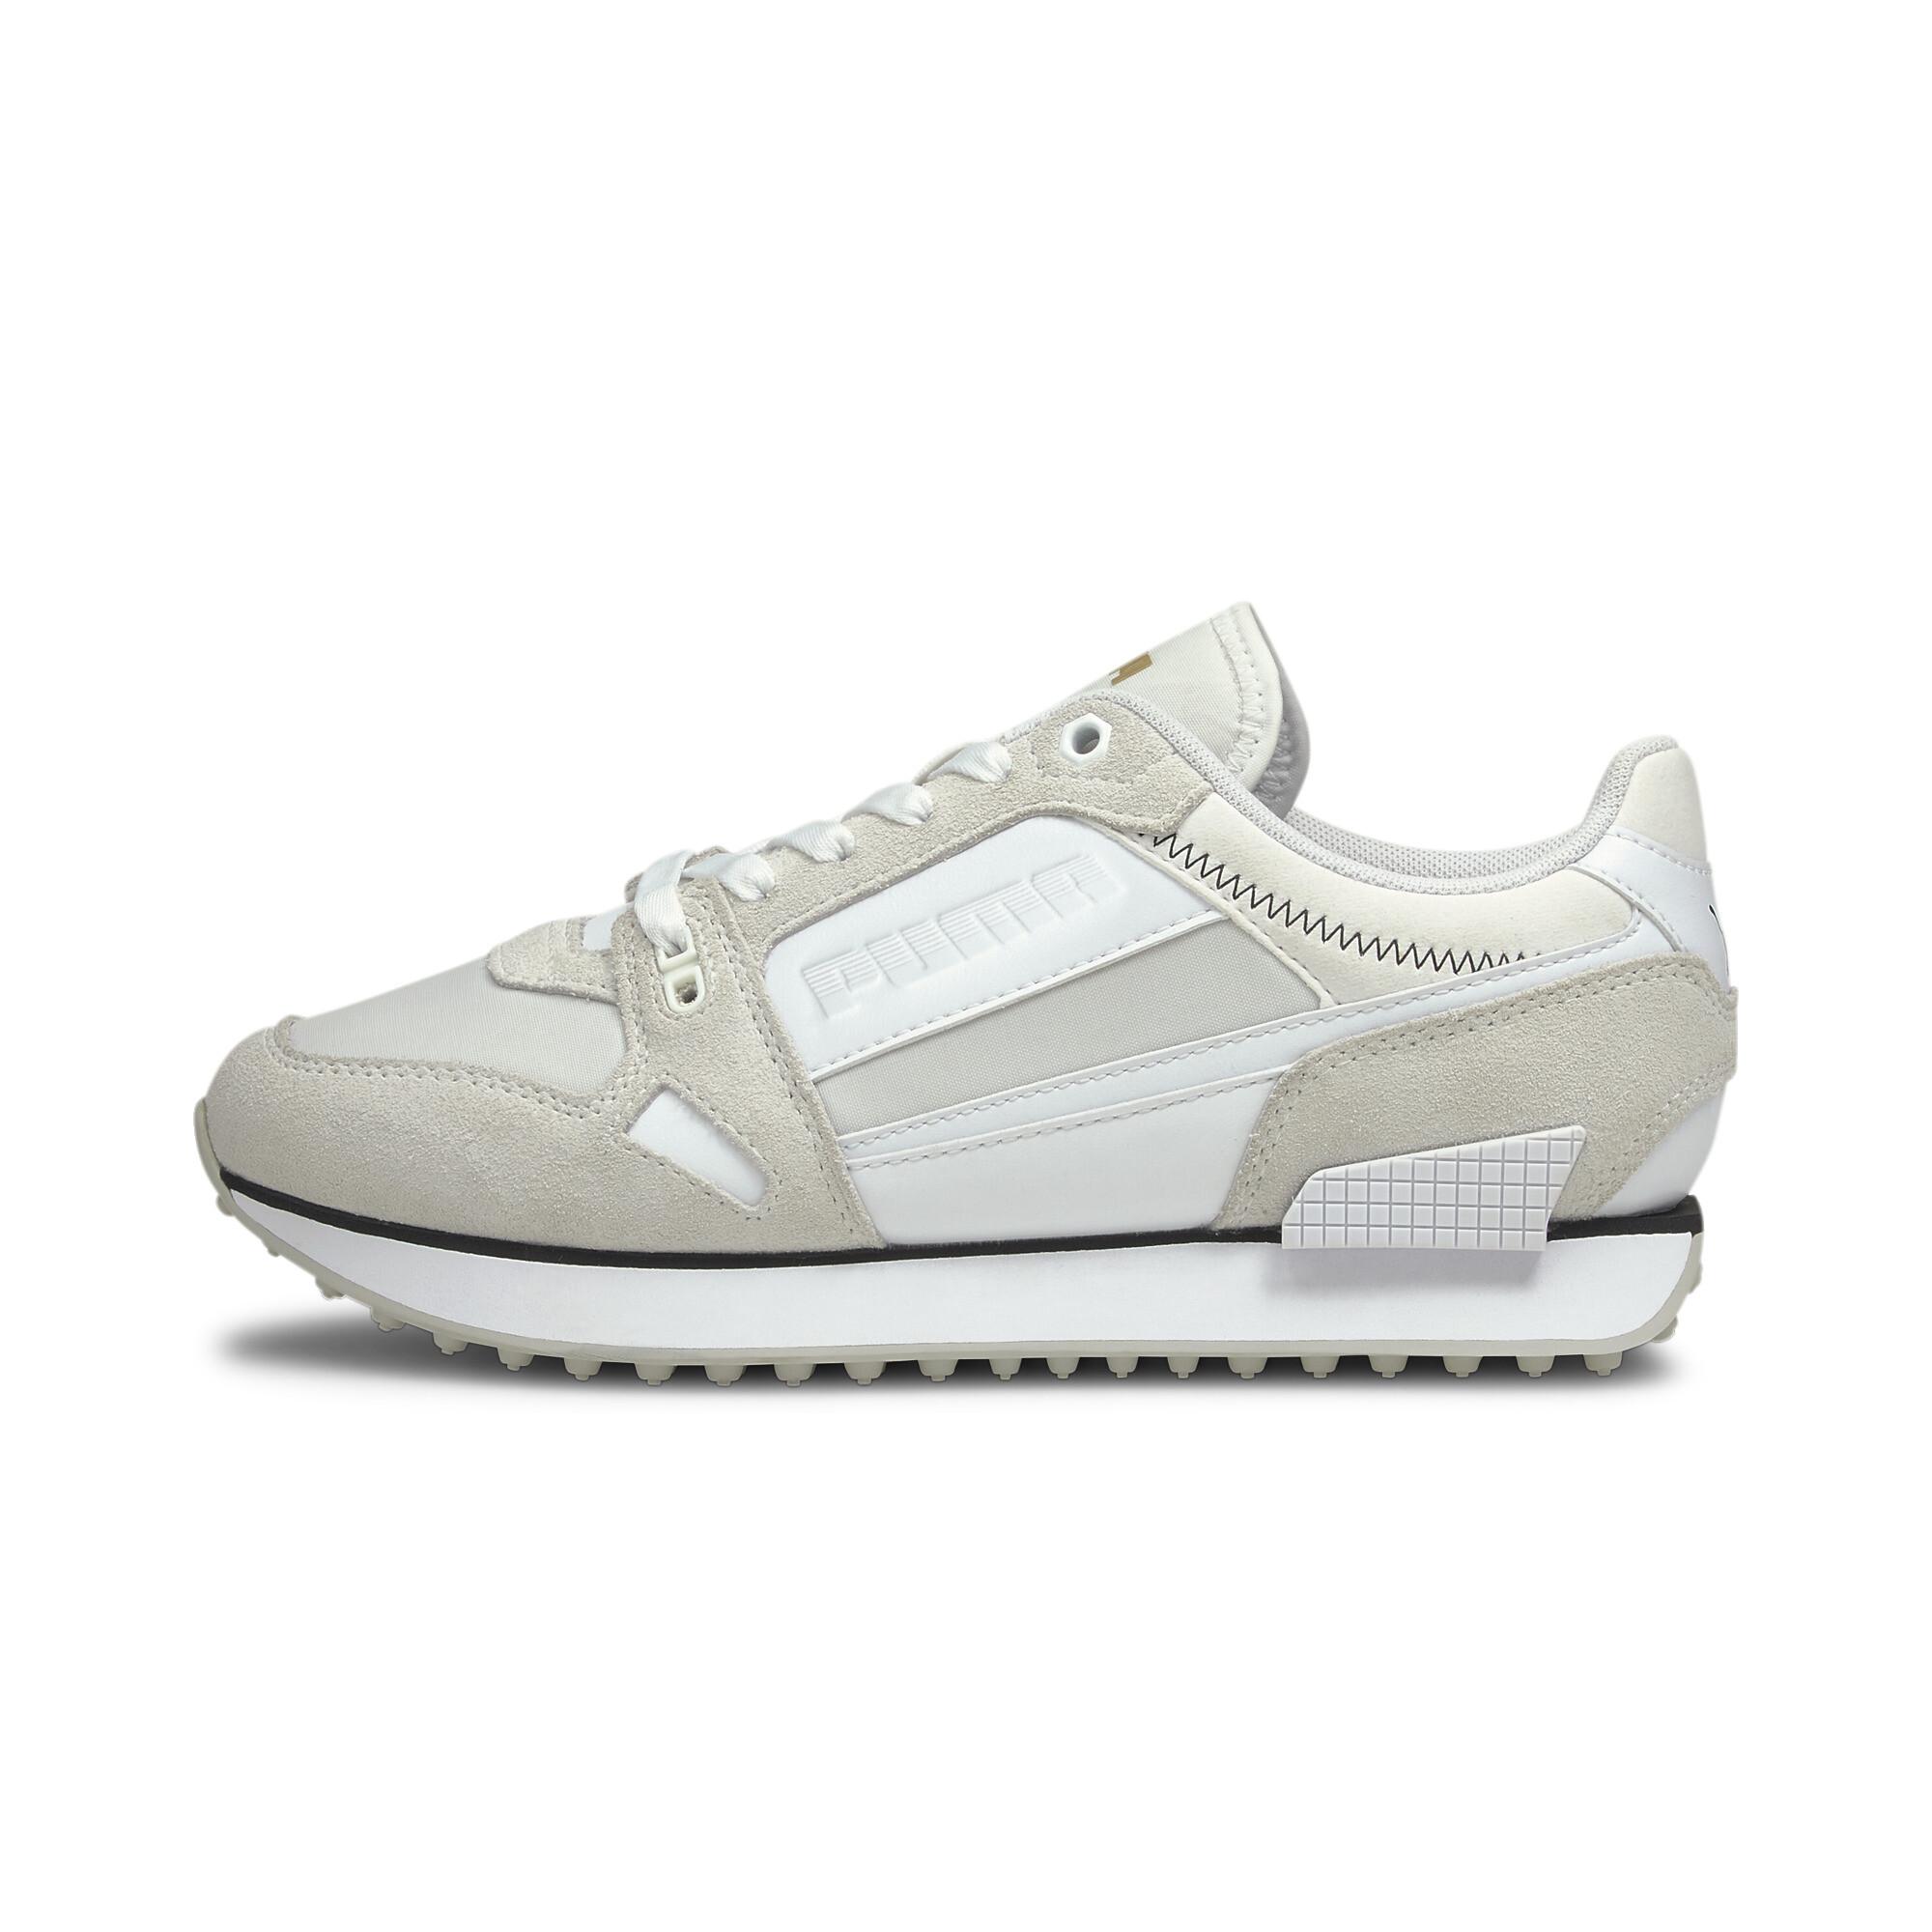 Indexbild 10 - PUMA Mile Rider Chrome Desert Damen Sneaker Frauen Schuhe Neu